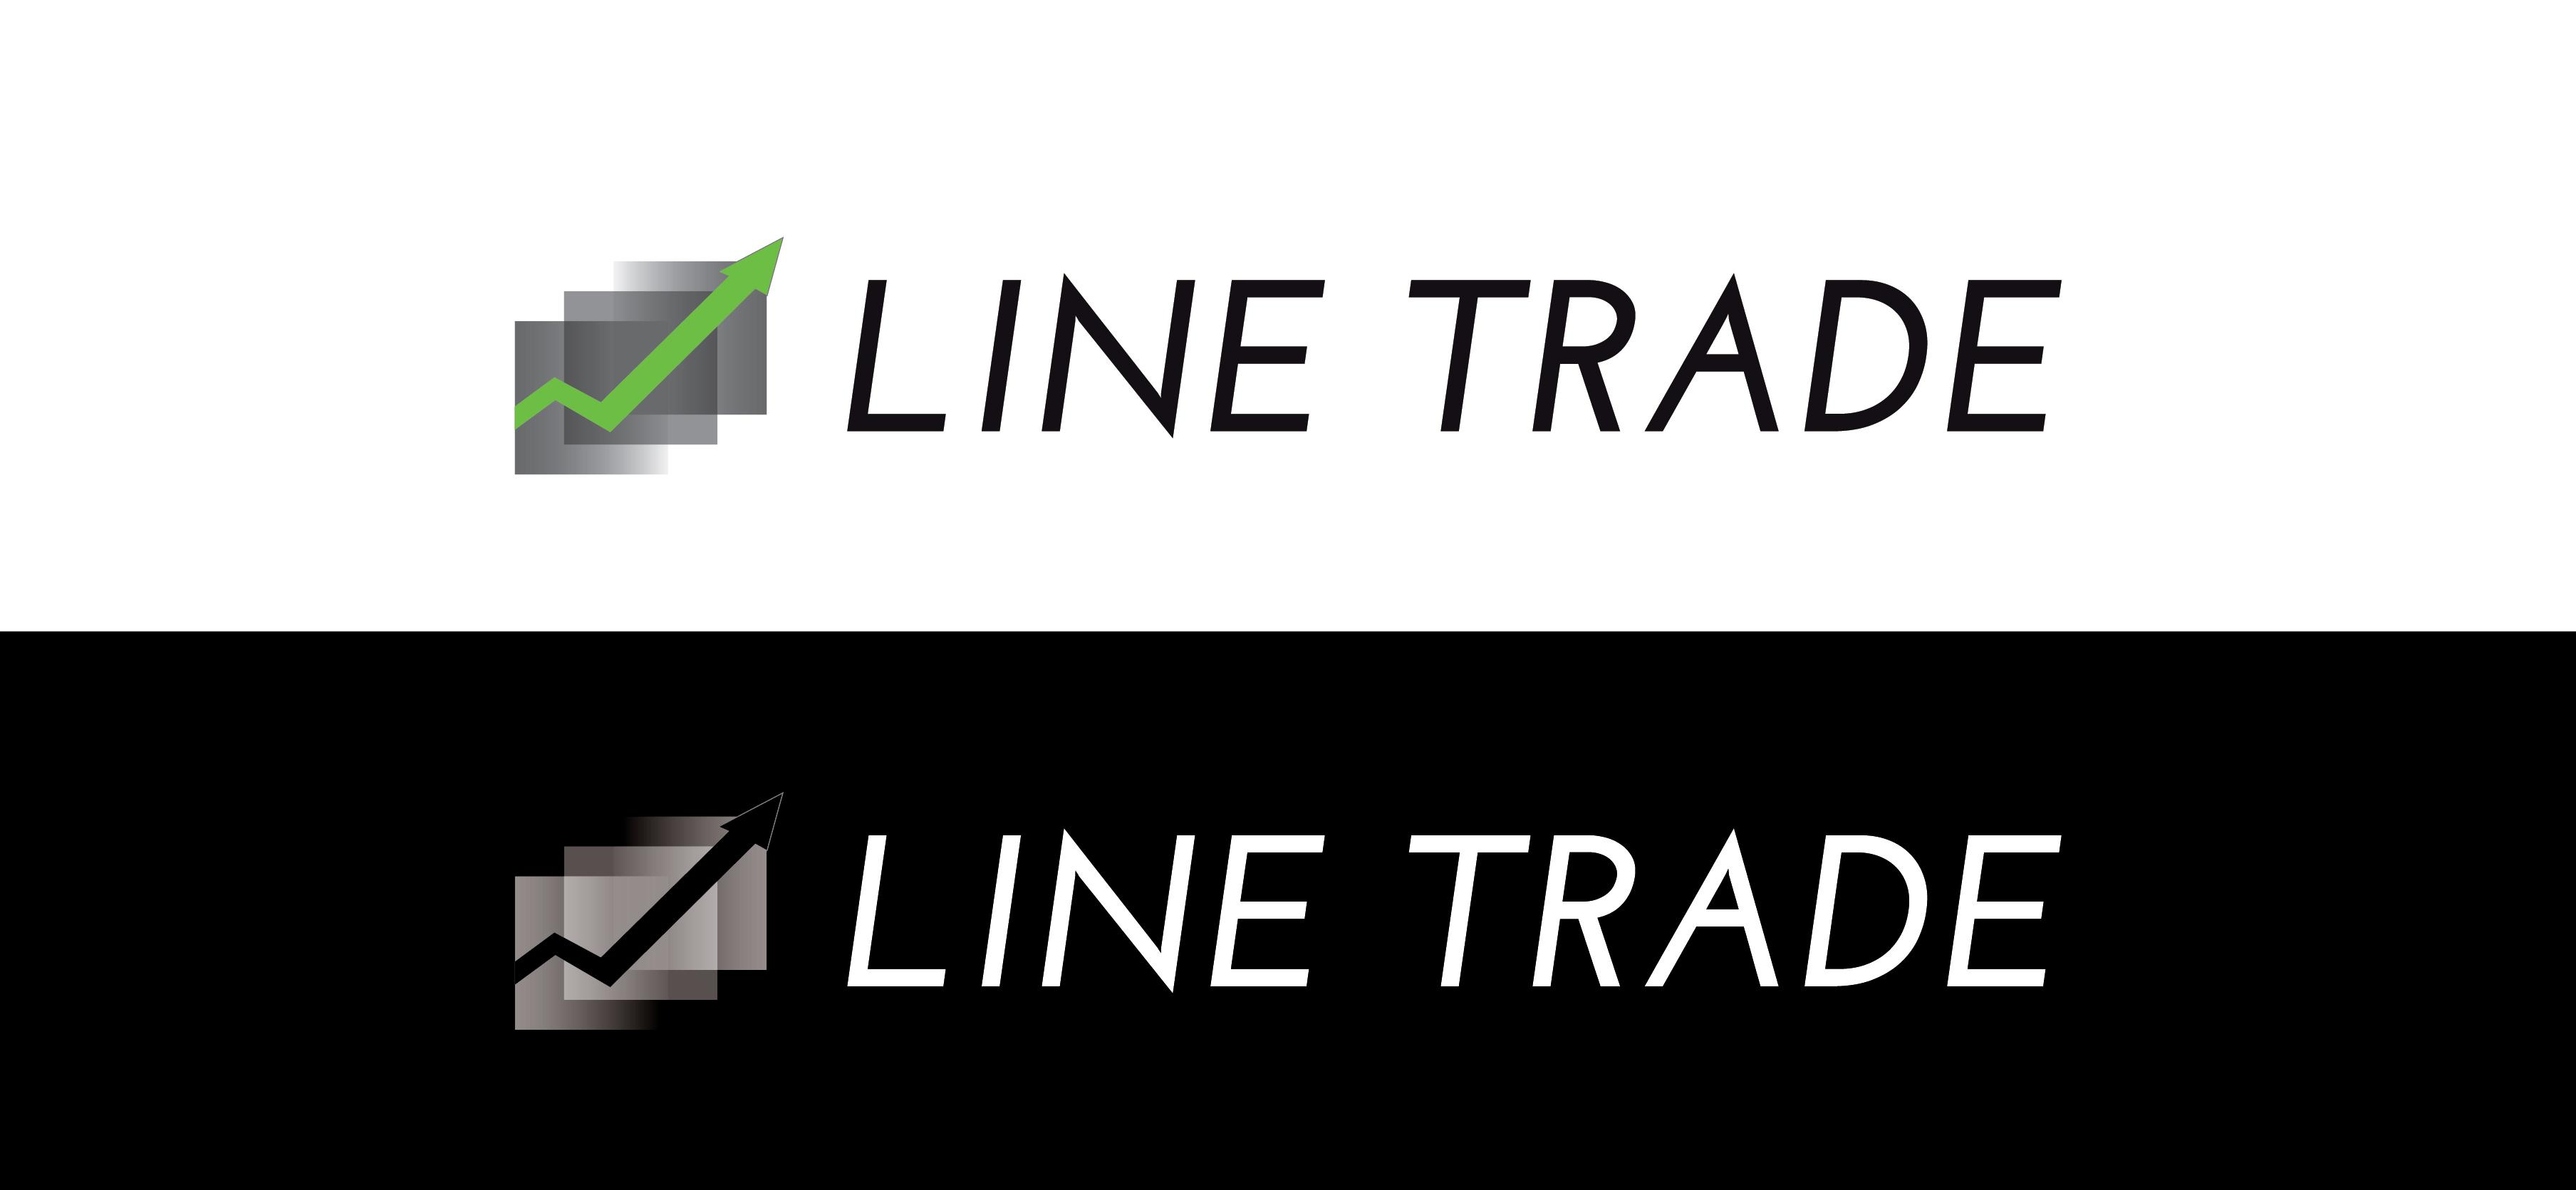 Разработка логотипа компании Line Trade фото f_21250fd5ad6ac94c.jpg